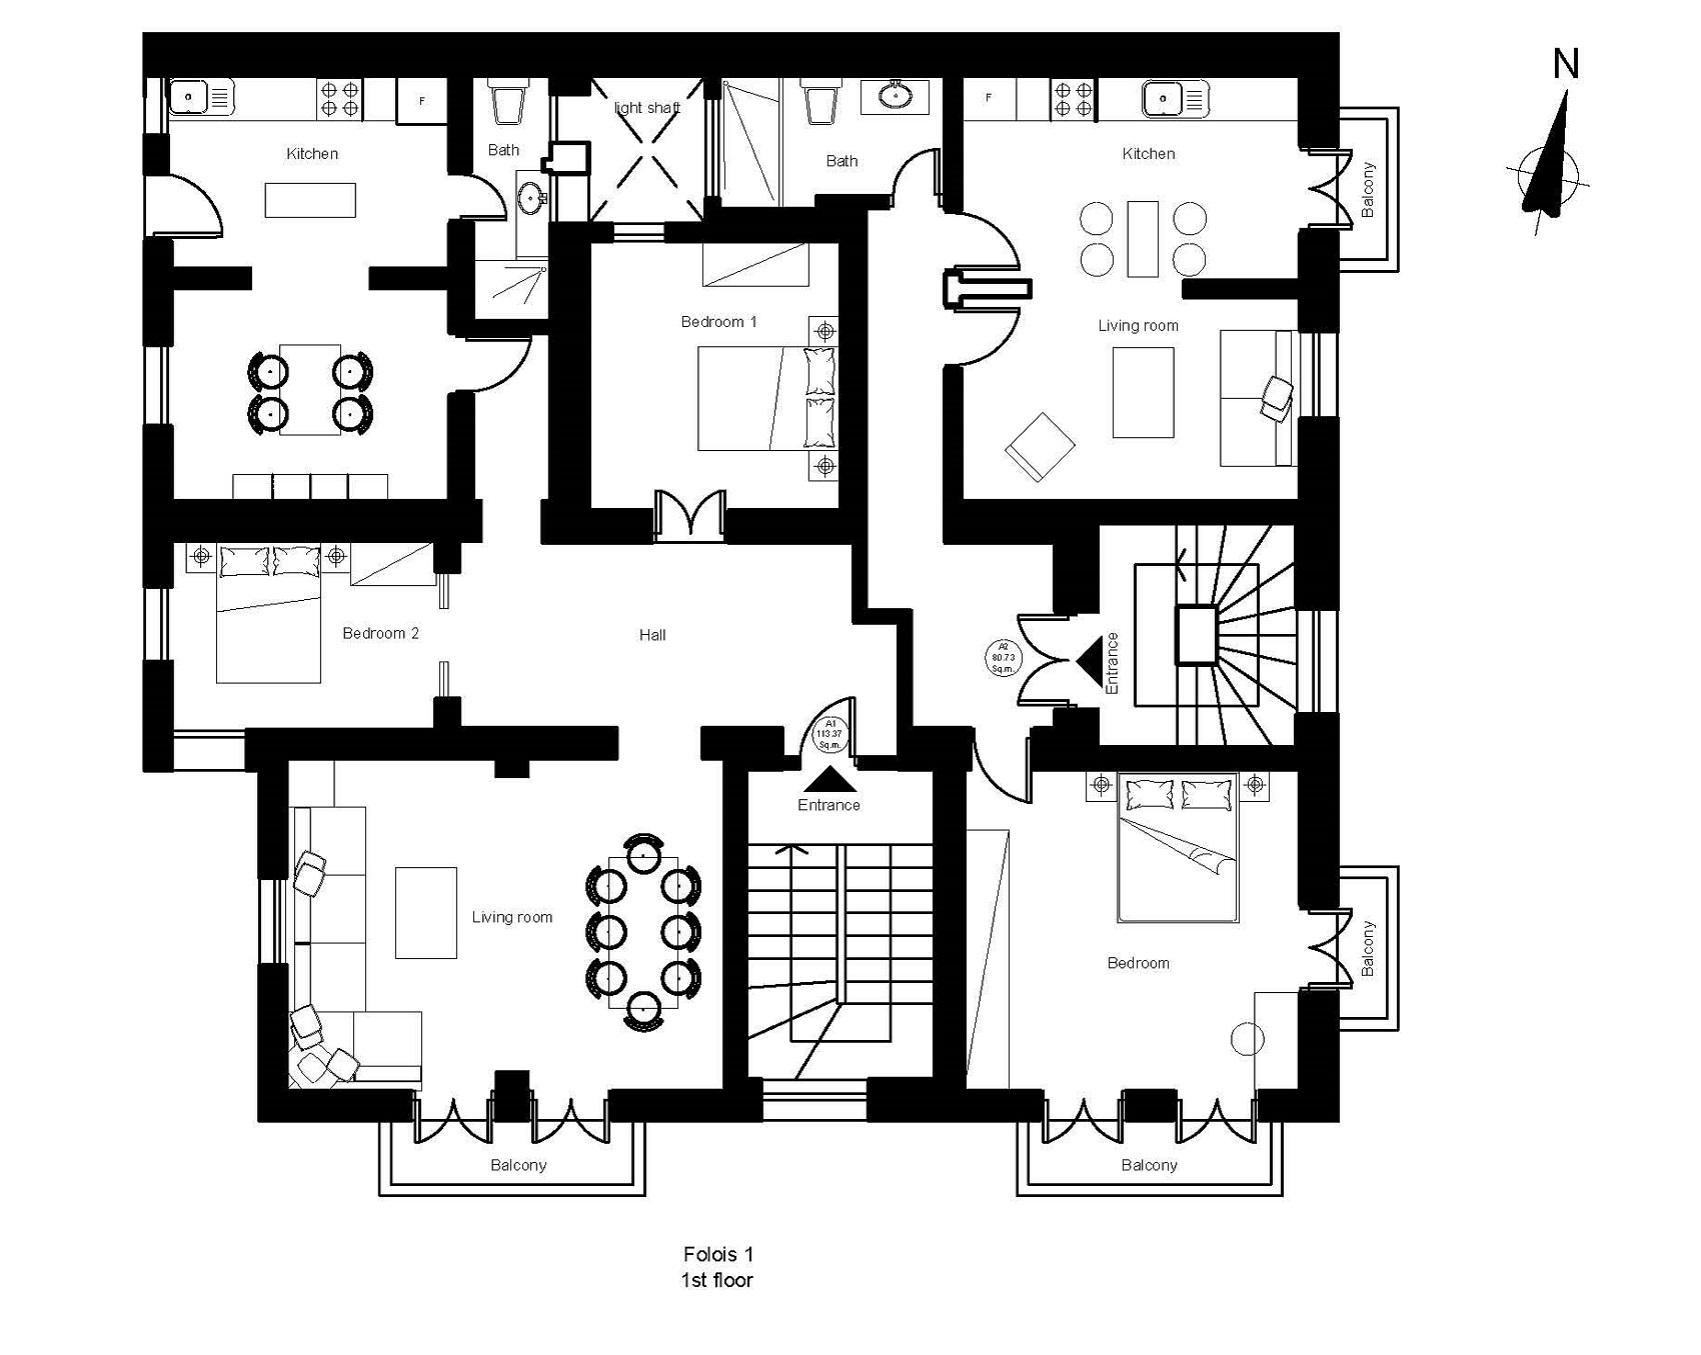 Folois 1 1st floor plan